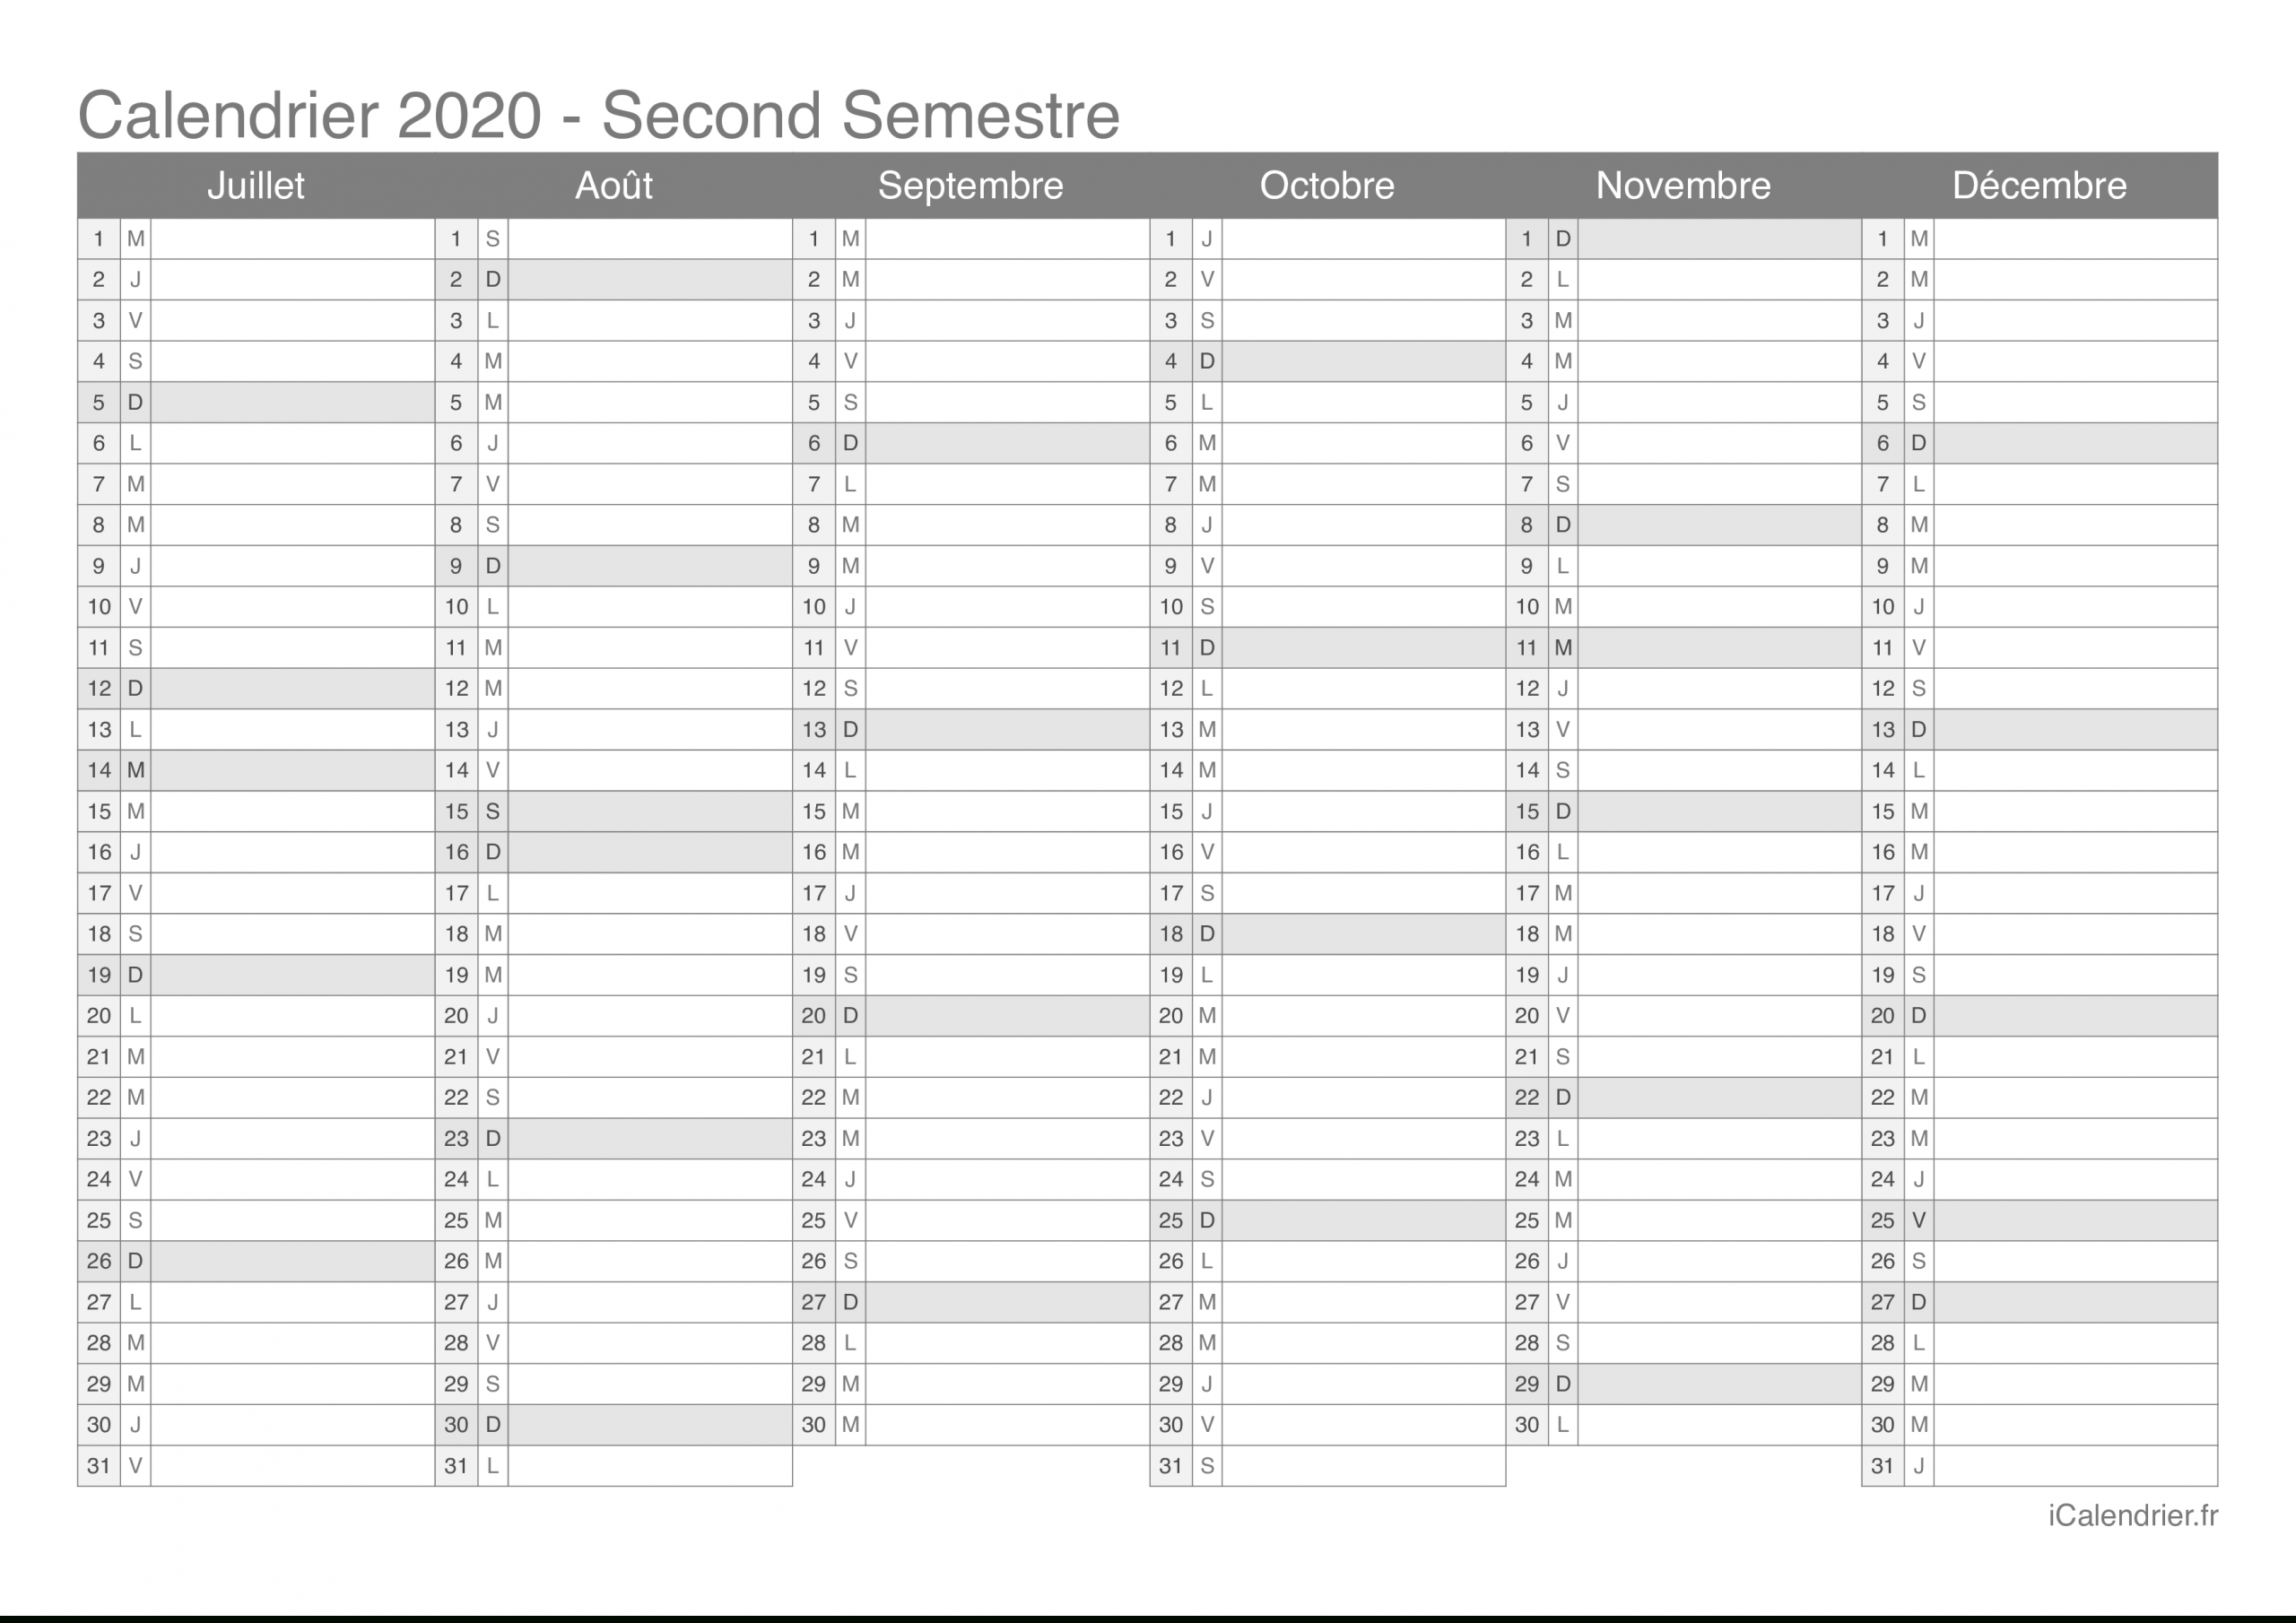 Calendrier 2020 À Imprimer Pdf Et Excel - Icalendrier encequiconcerne Calendrier Ludique À Imprimer